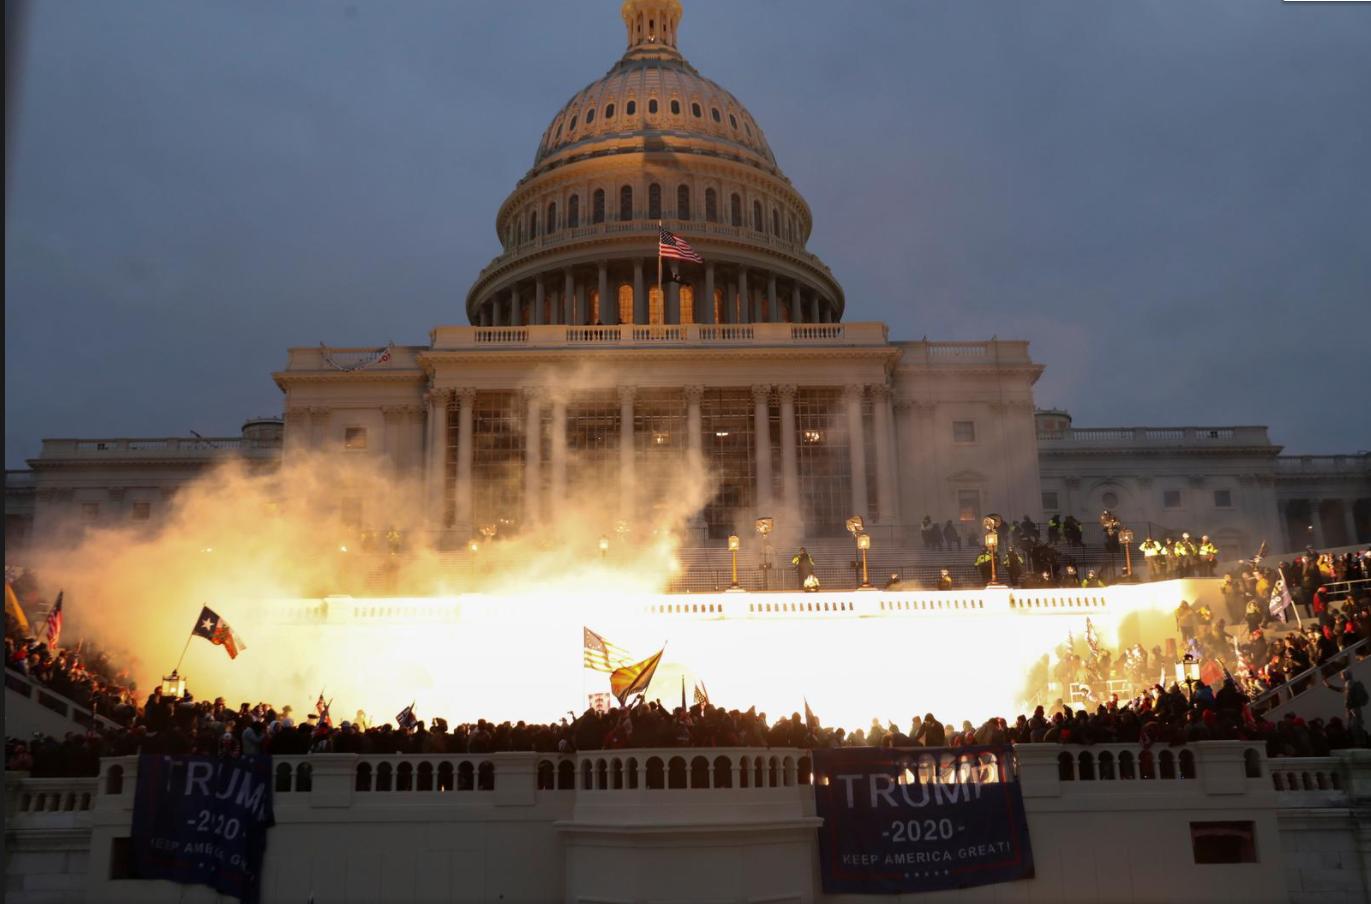 Người biểu tình đứng lên ghế Chủ tịch Thượng viện la hét: 'Trump đã thắng cuộc bầu cử' - Ảnh 1.